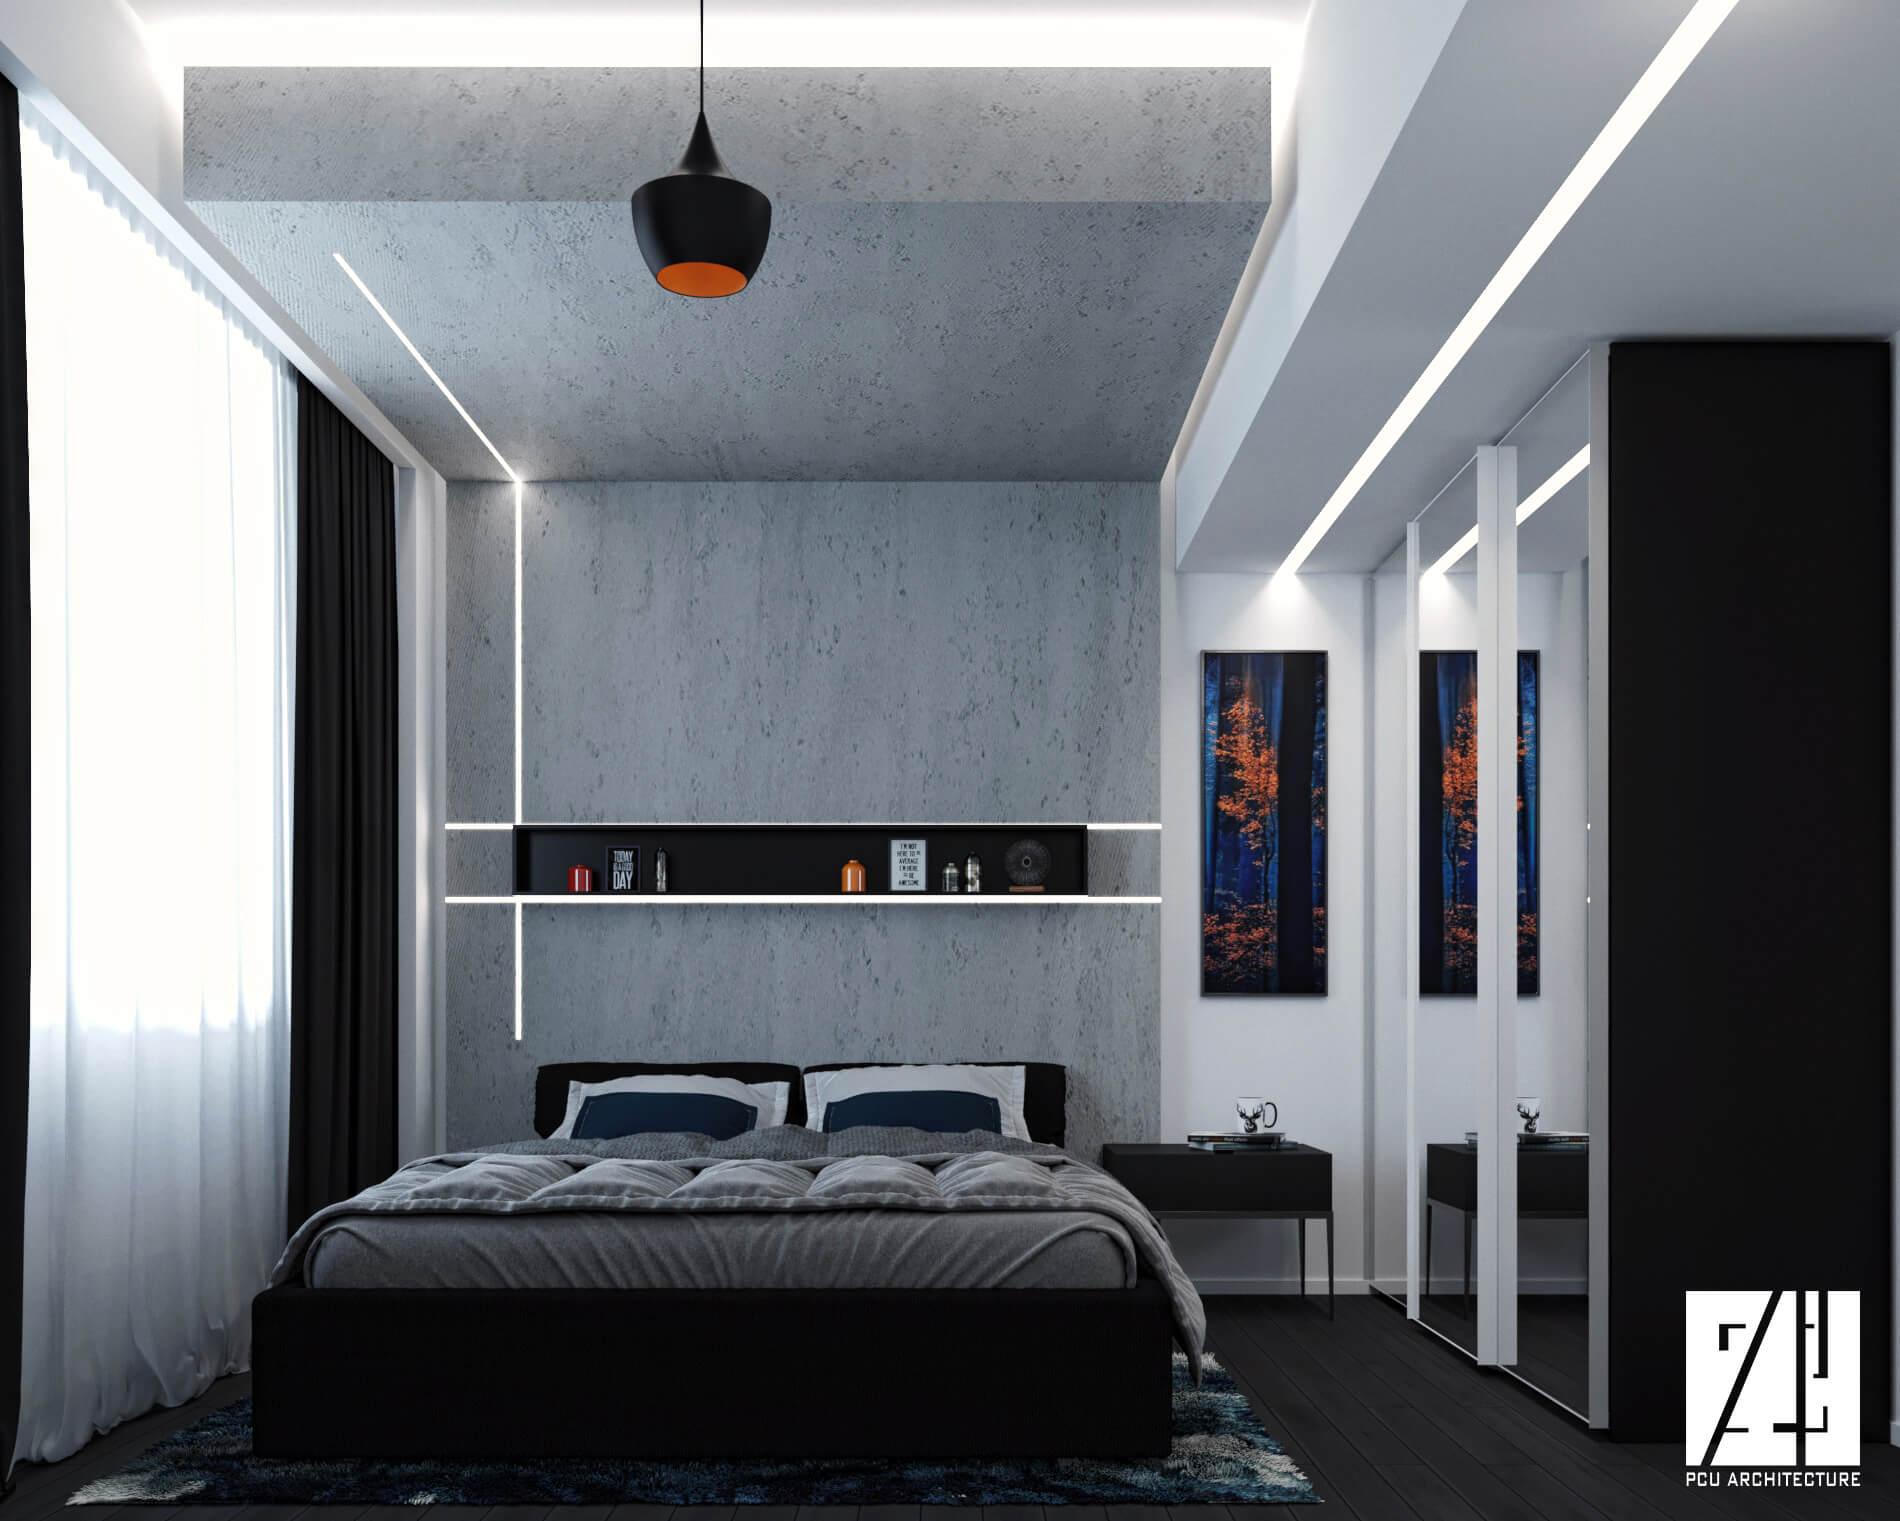 05_DI_APARTAMENT 3_Dormitor_unghi1